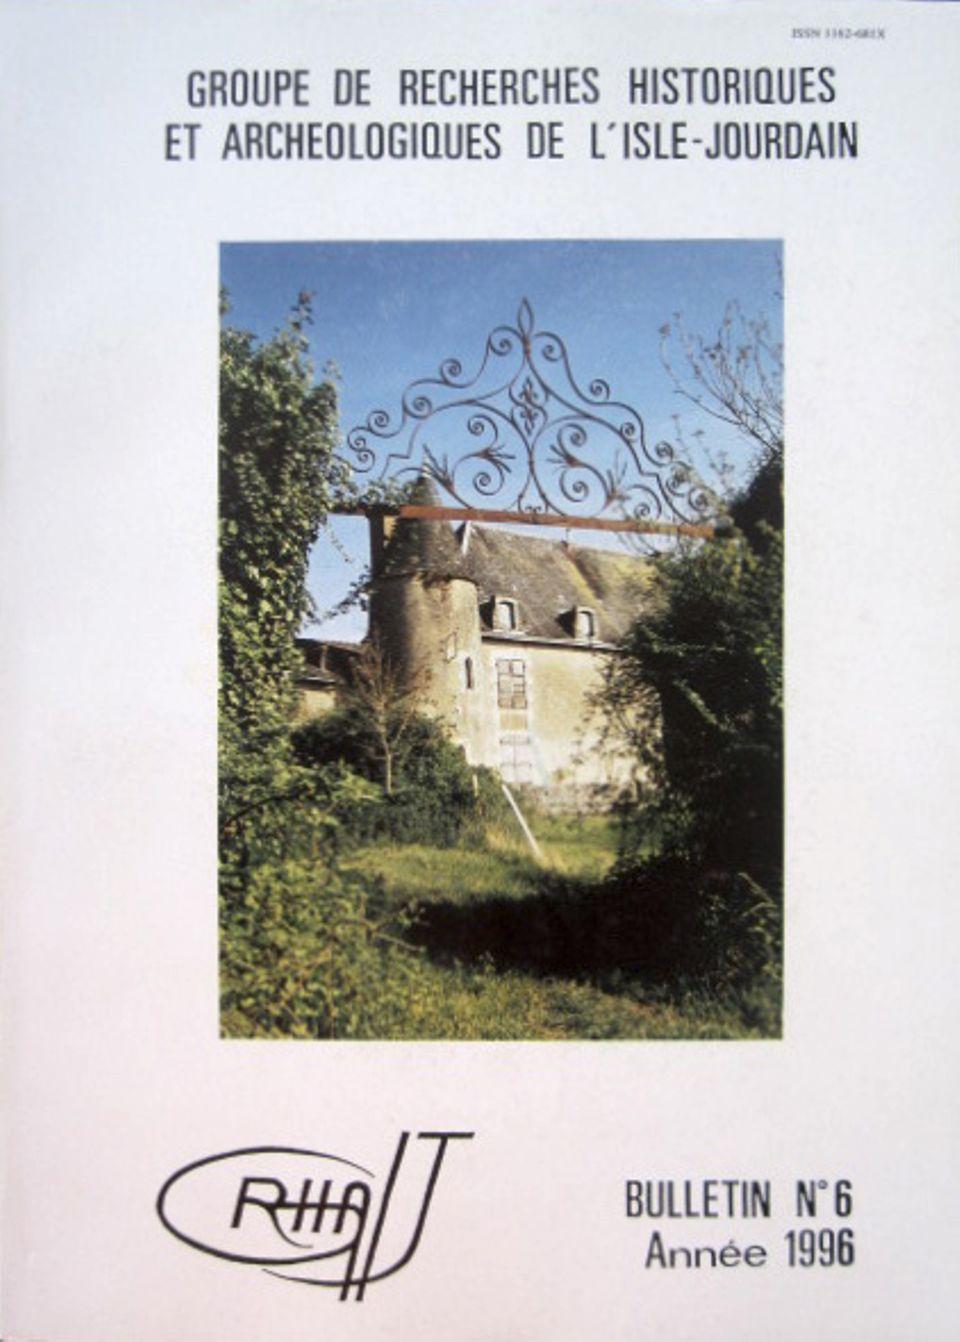 Bulletin du GRHAIJ, Bulletin n°6 - 1996,